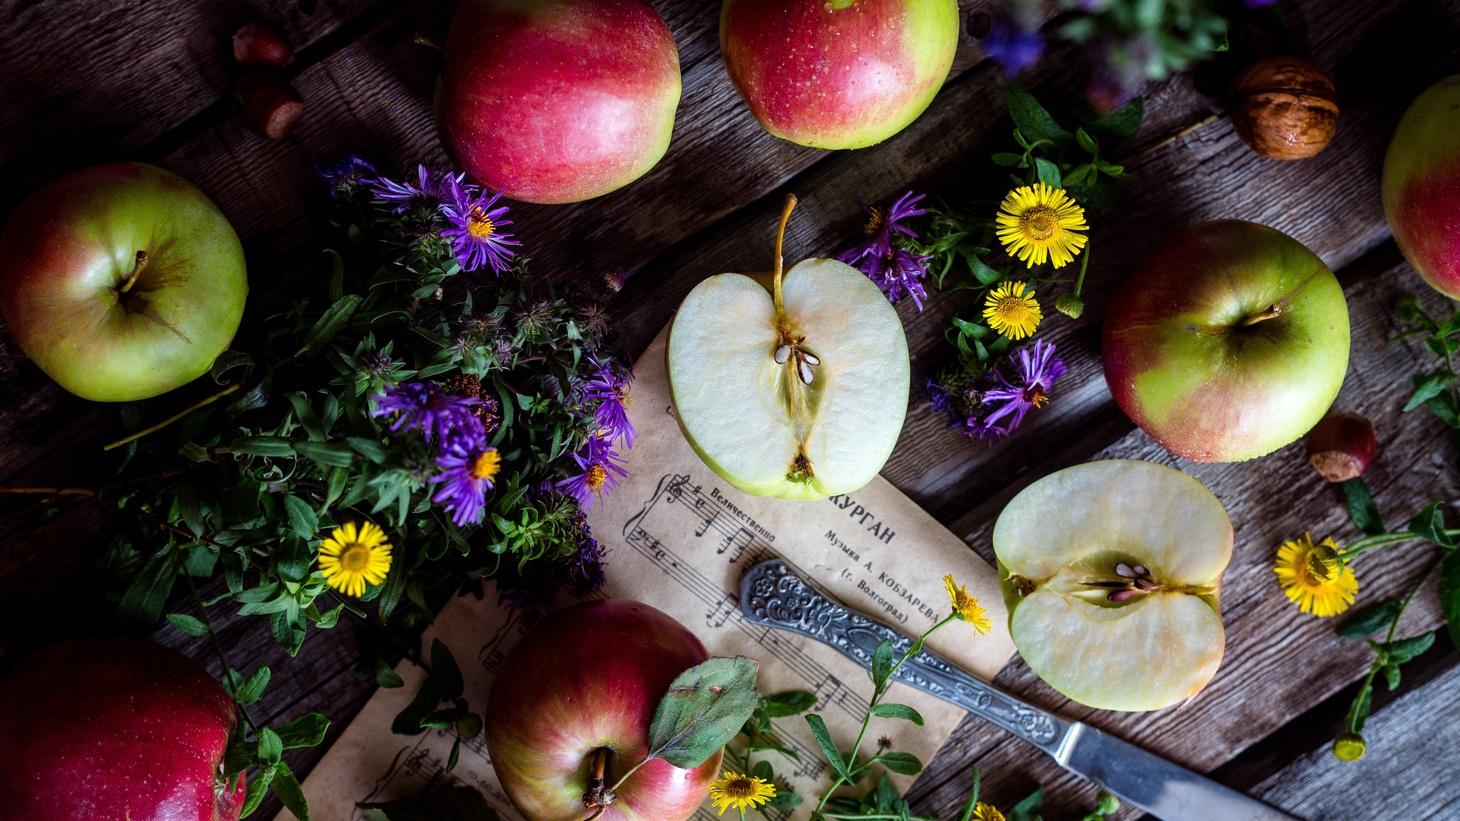 Apple varieties.